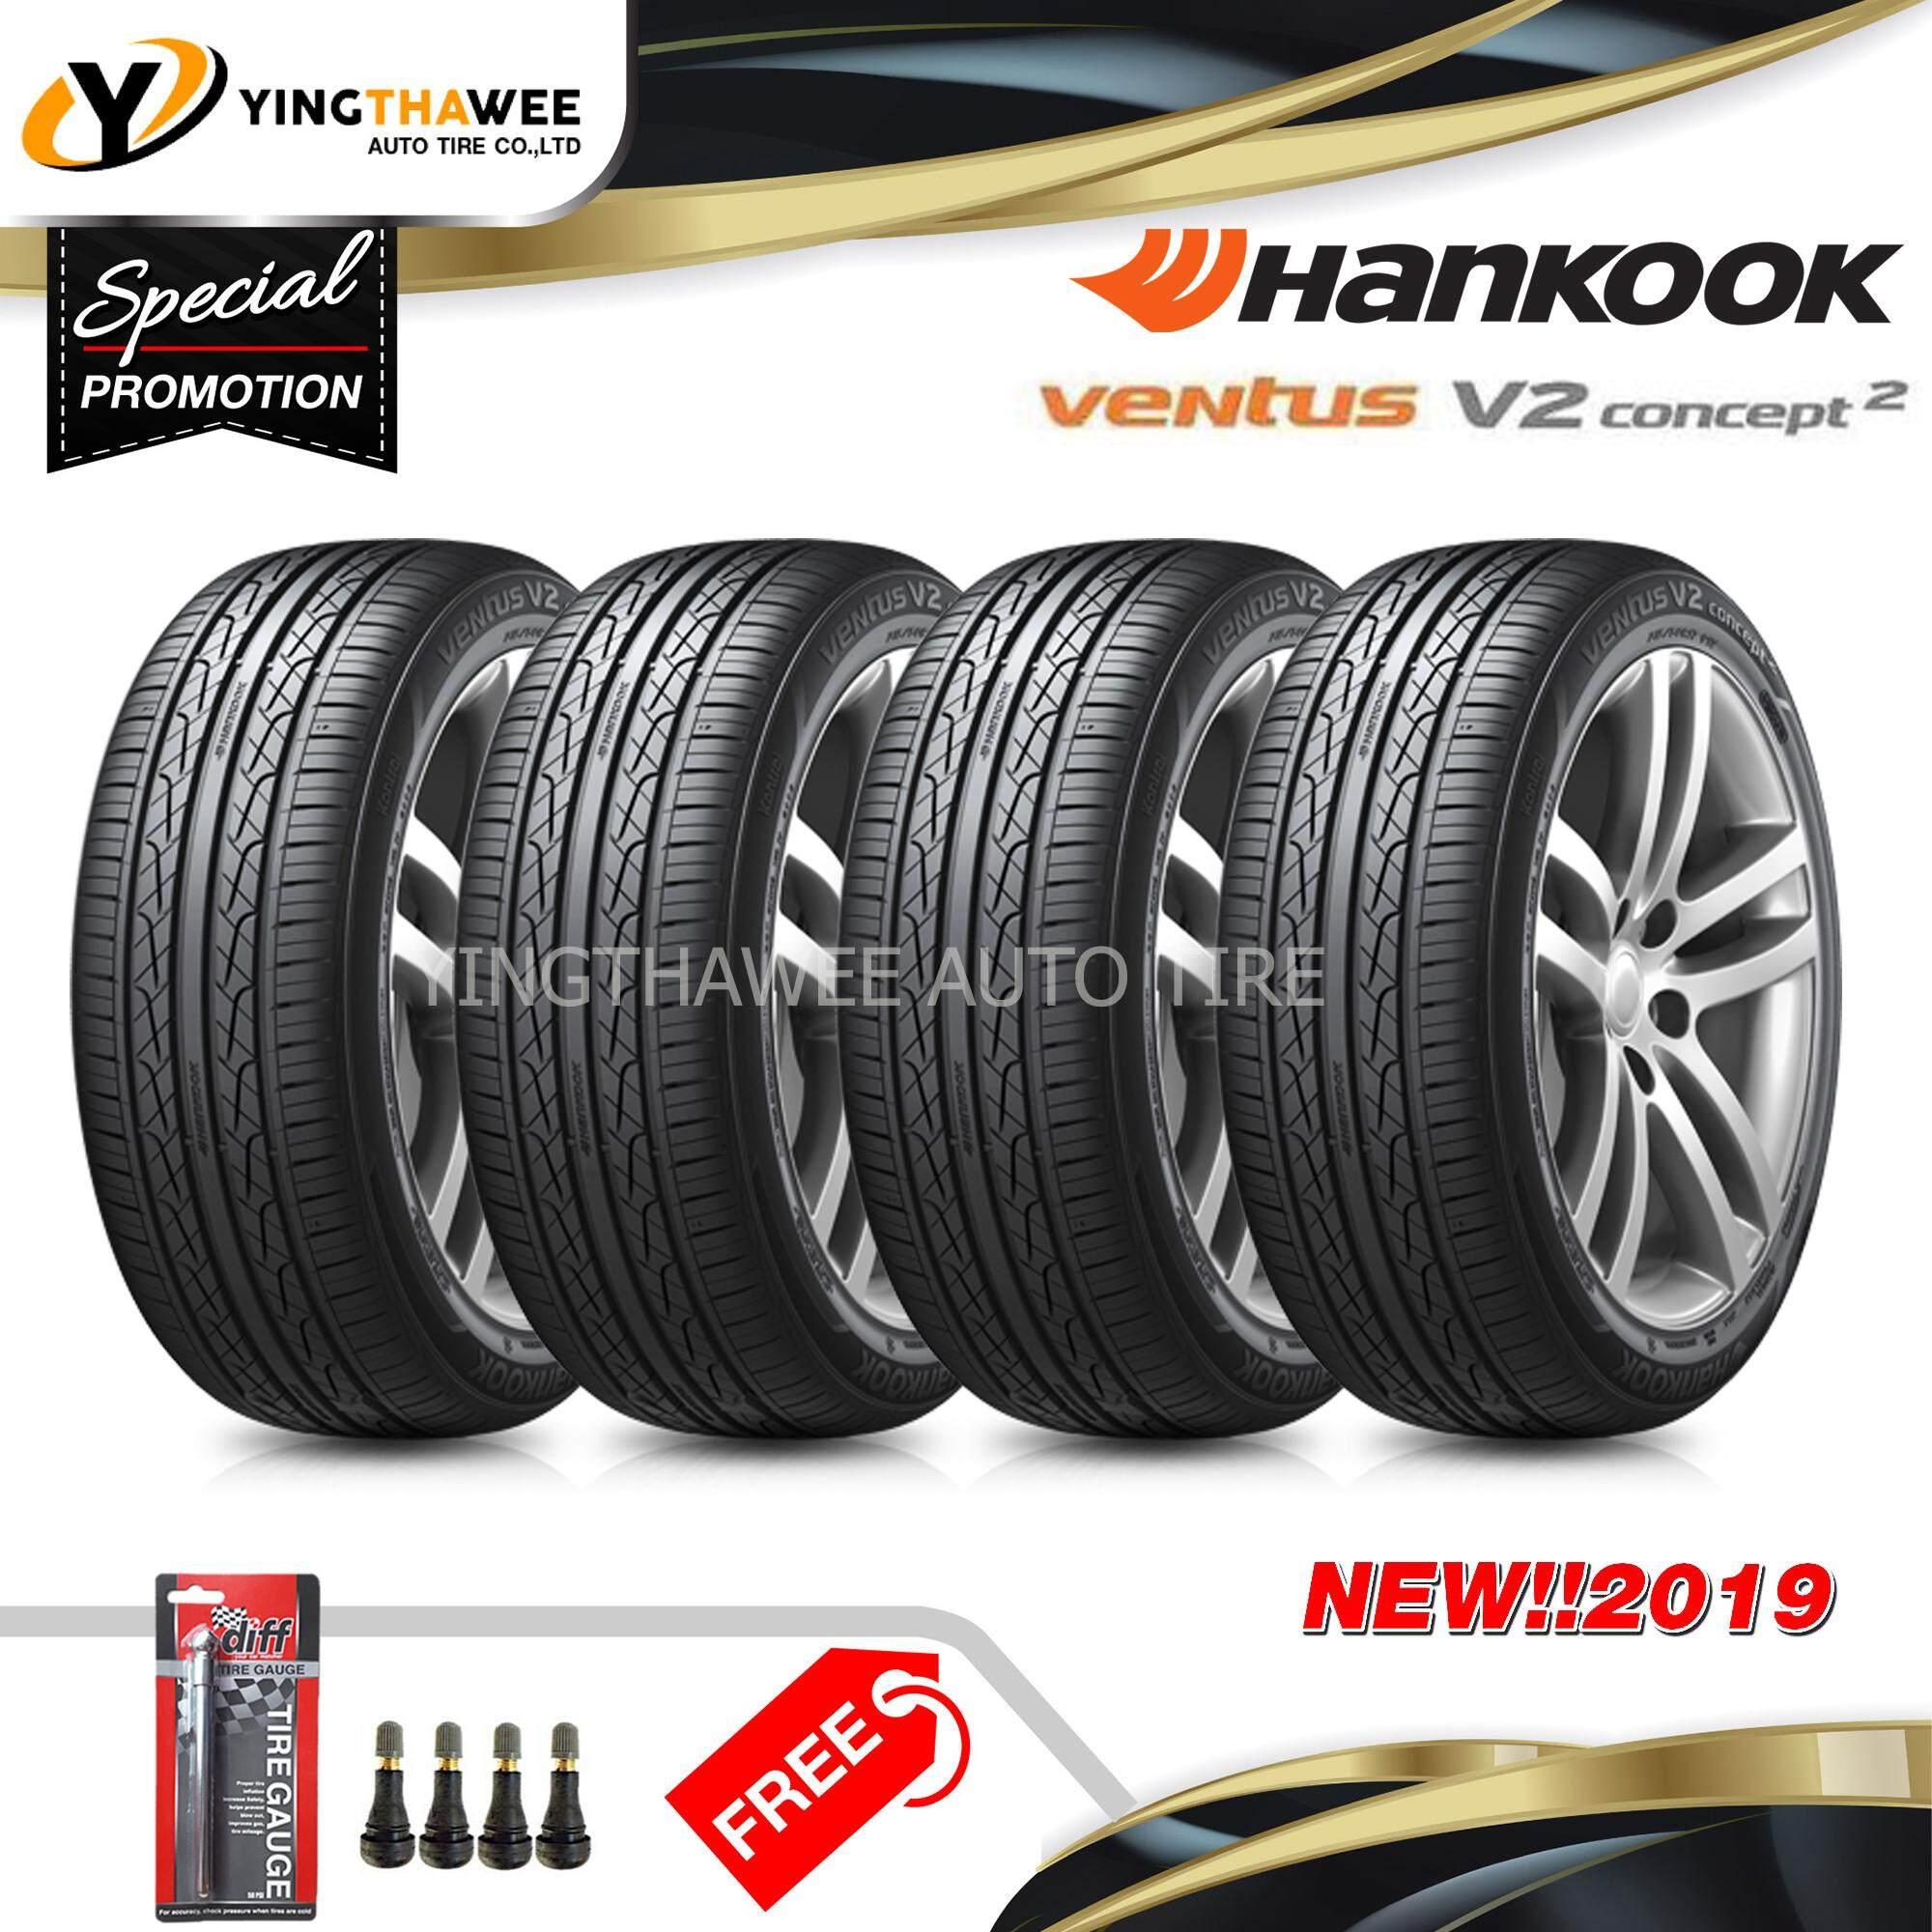 ระยอง HANKOOK ยางรถยนต์ 215/45R17 รุ่น Ventus V2 4 เส้น (ปี 2019) แถมจุ๊บยางหัวทองเหลือง 4 ตัว + เกจวัดลมยาง 1 ตัว